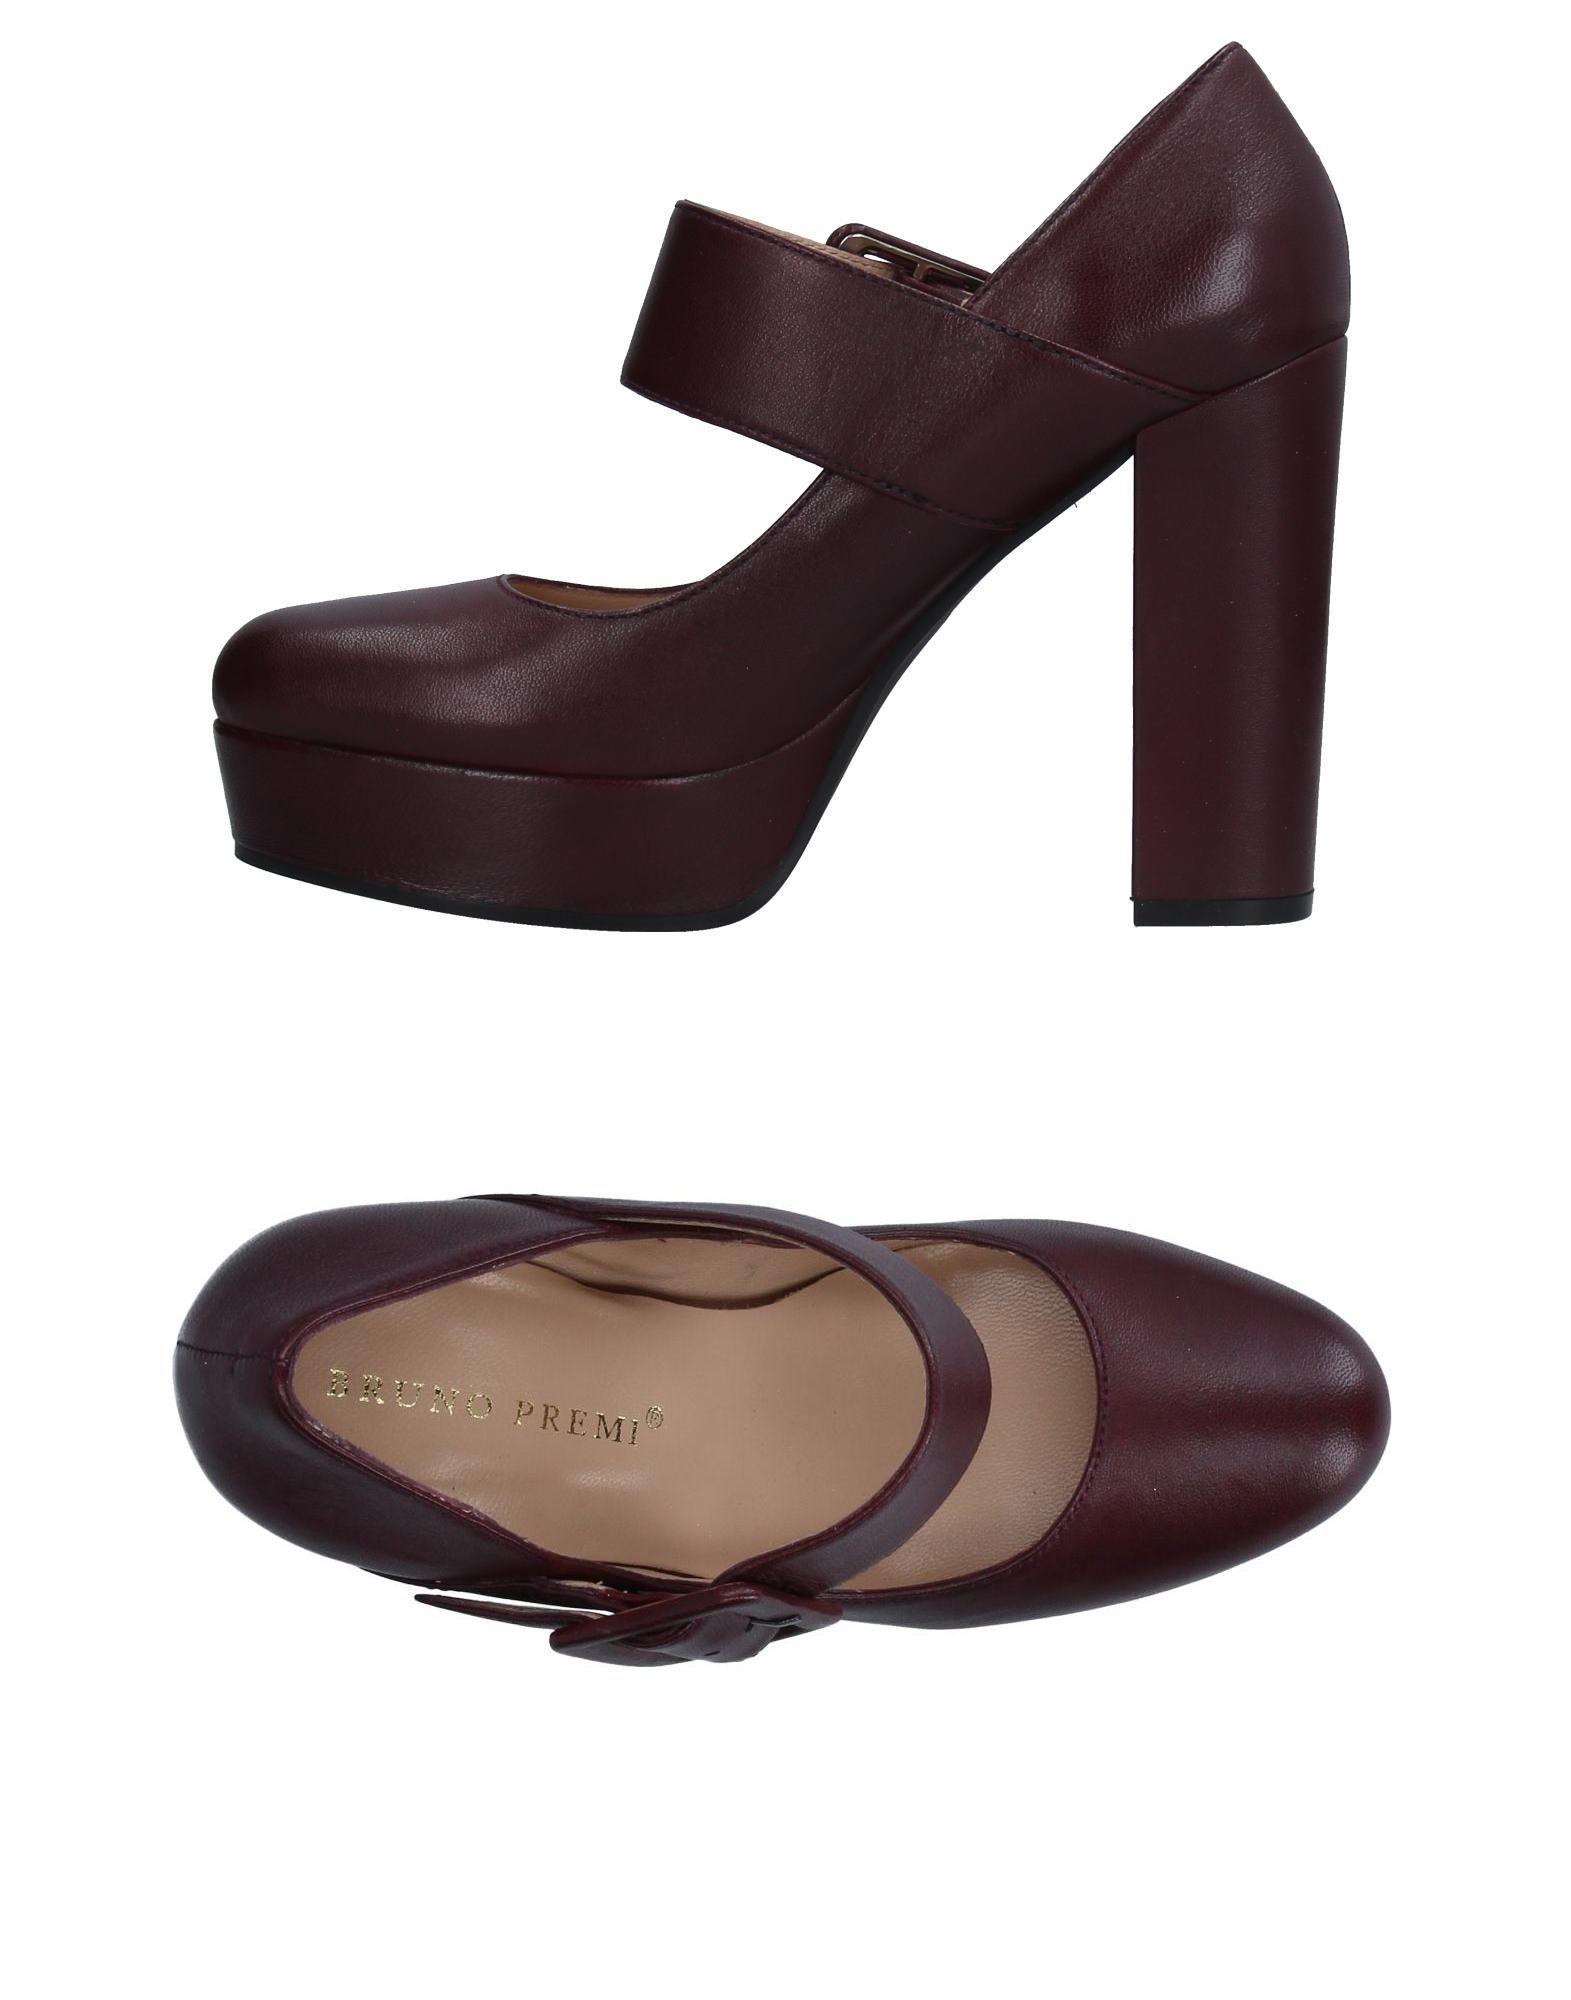 Gut um billige Pumps Schuhe zu tragenBruno Premi Pumps billige Damen  11270886OJ 0f1e8b